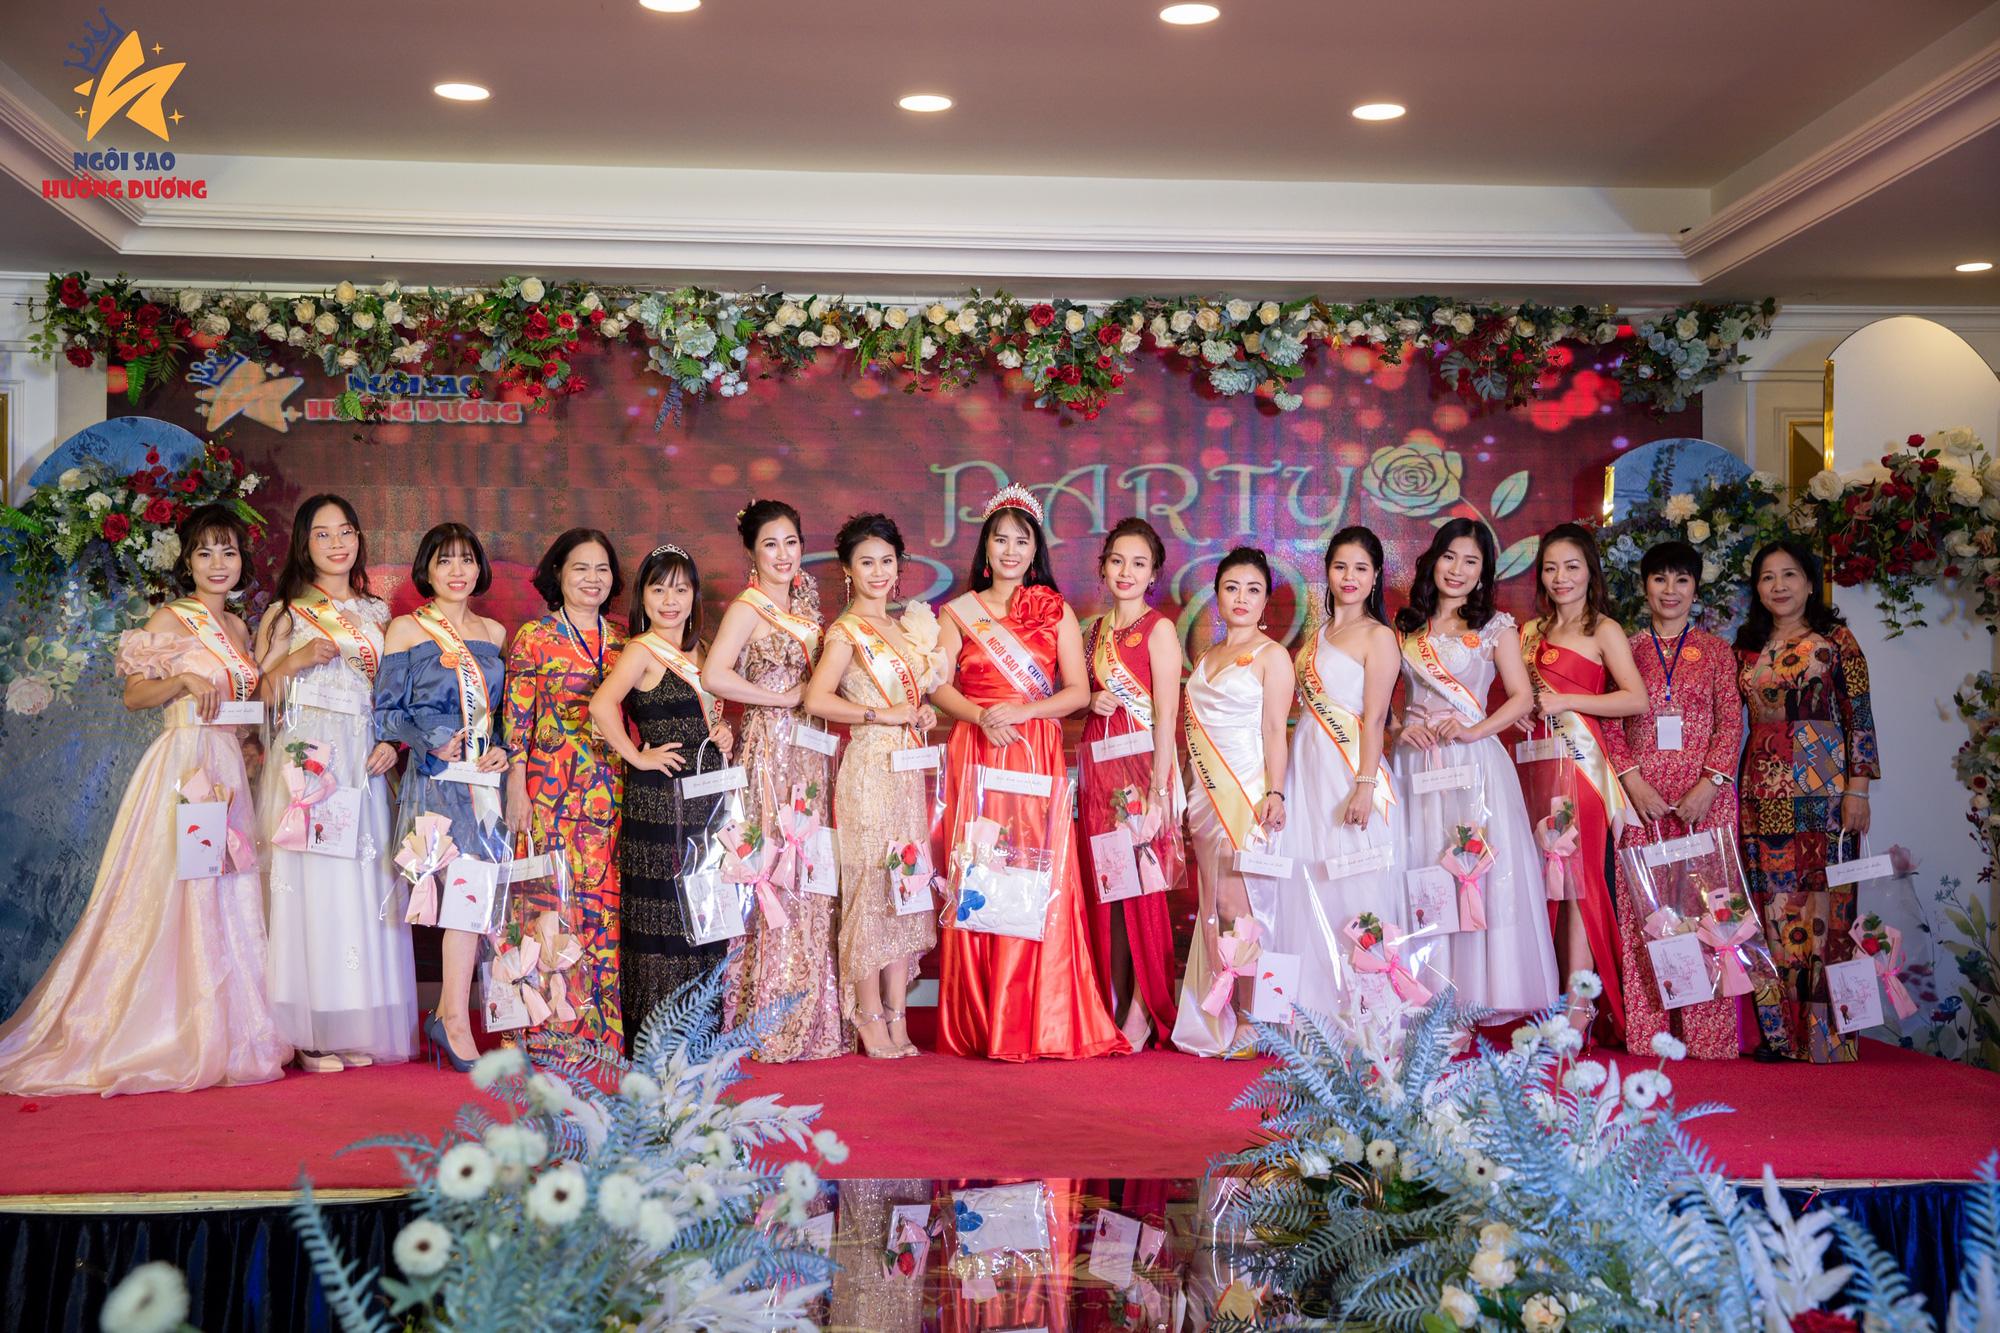 Nhà thơ Phạm Thị Ngọc Thanh làm thơ tặng phụ nữ nhân dịp 20/10 - Ảnh 4.